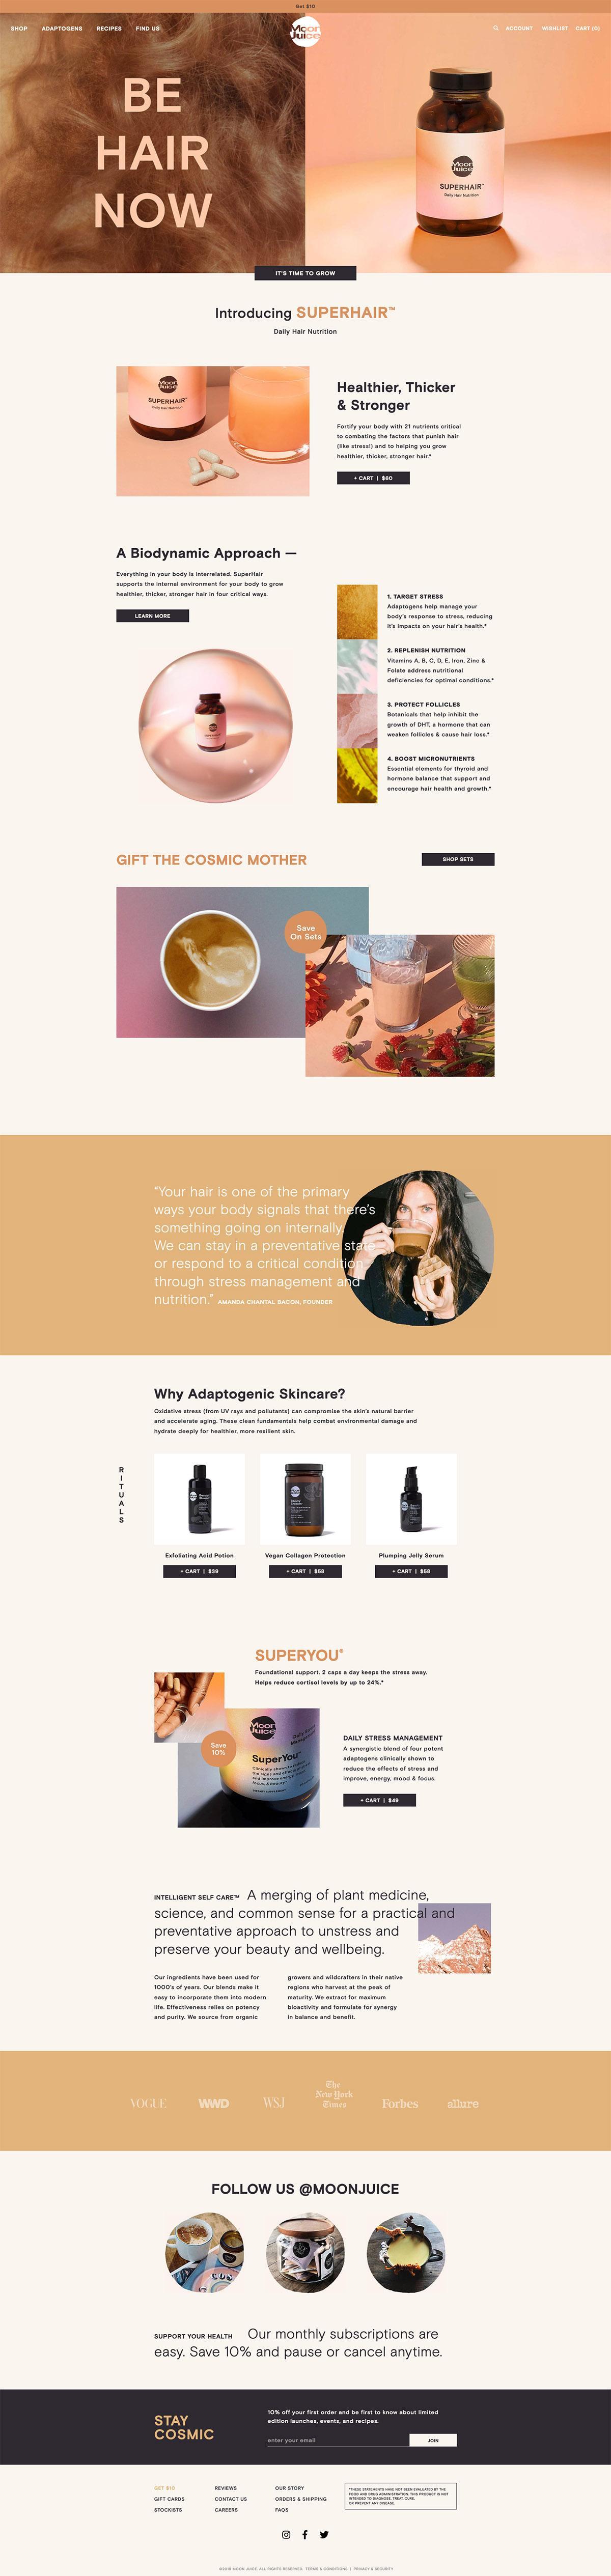 eCommerce website: Moon Juice